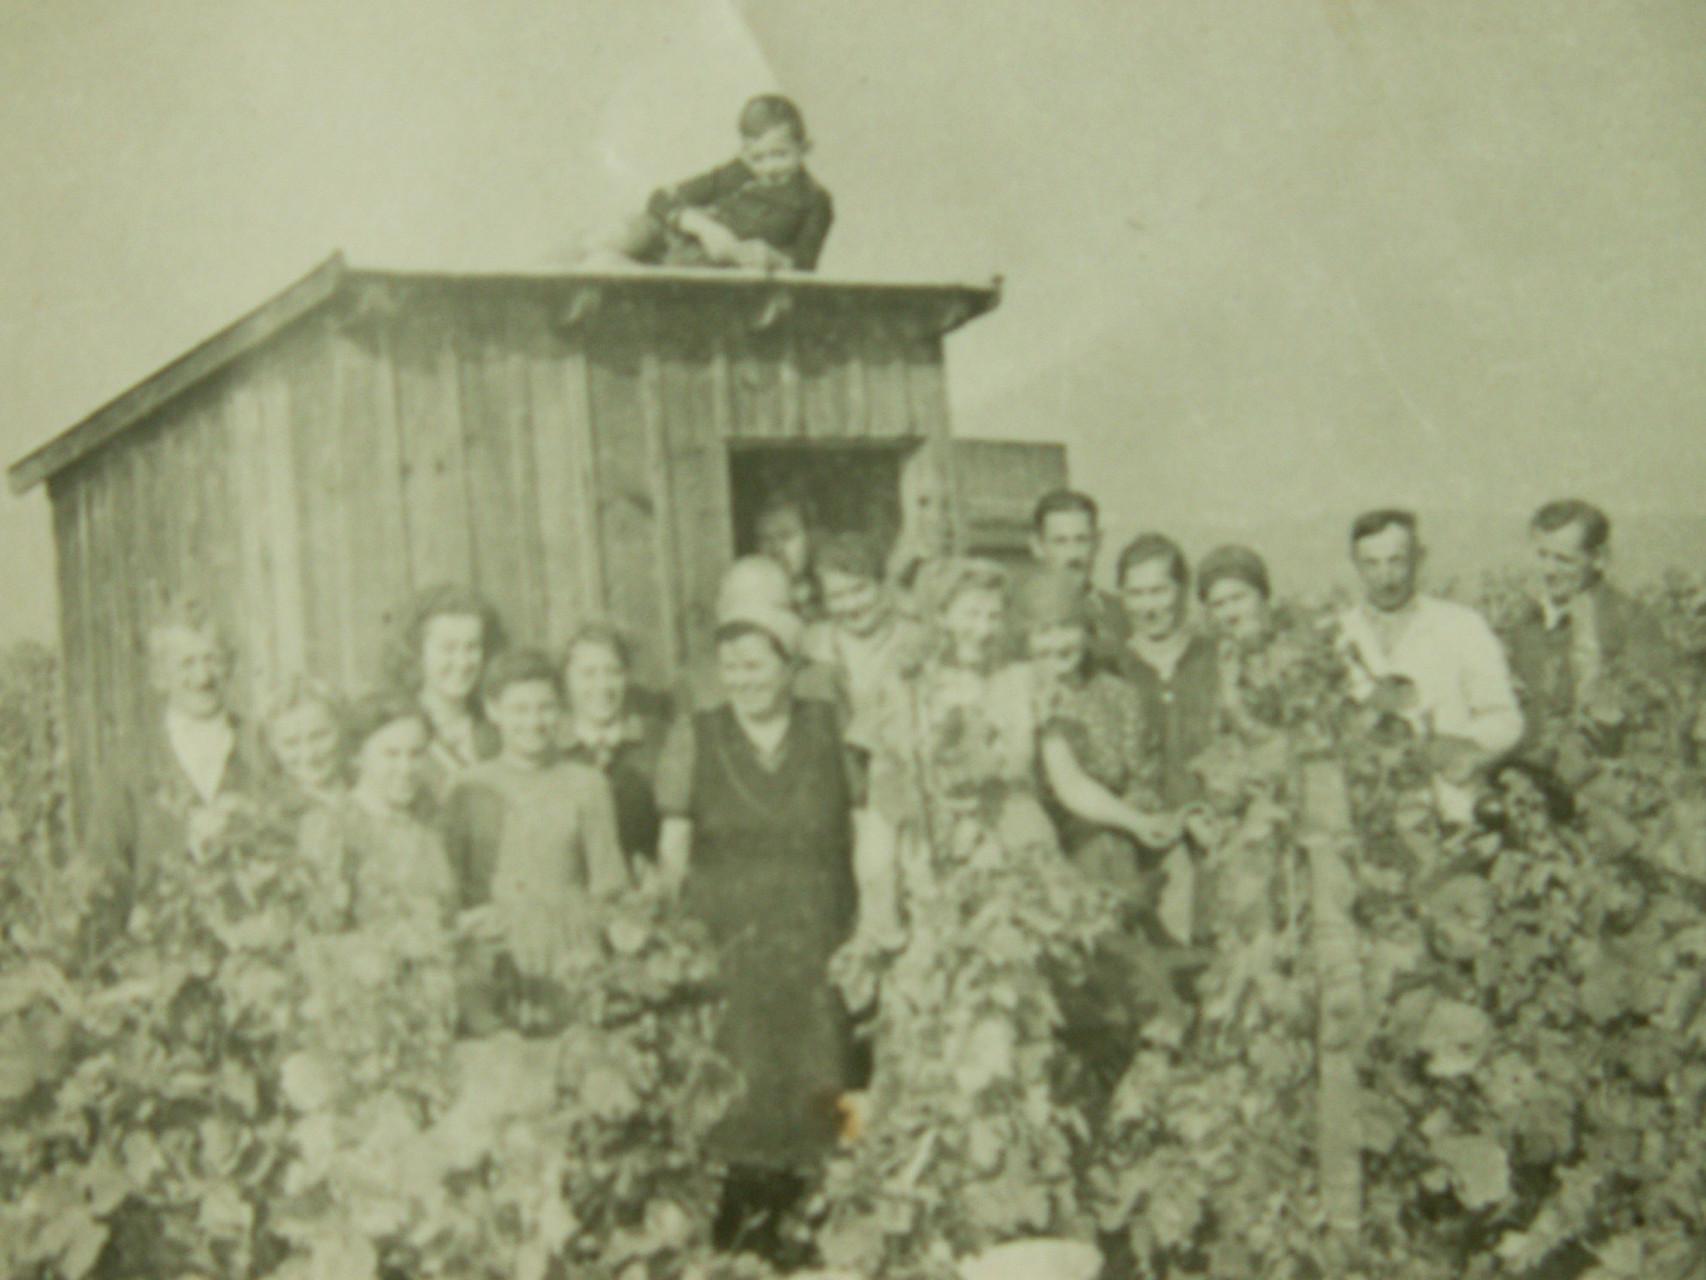 Unsere Hütte im Weingarten war für lange Jahre ein Unterstand für alle Arbeiter.